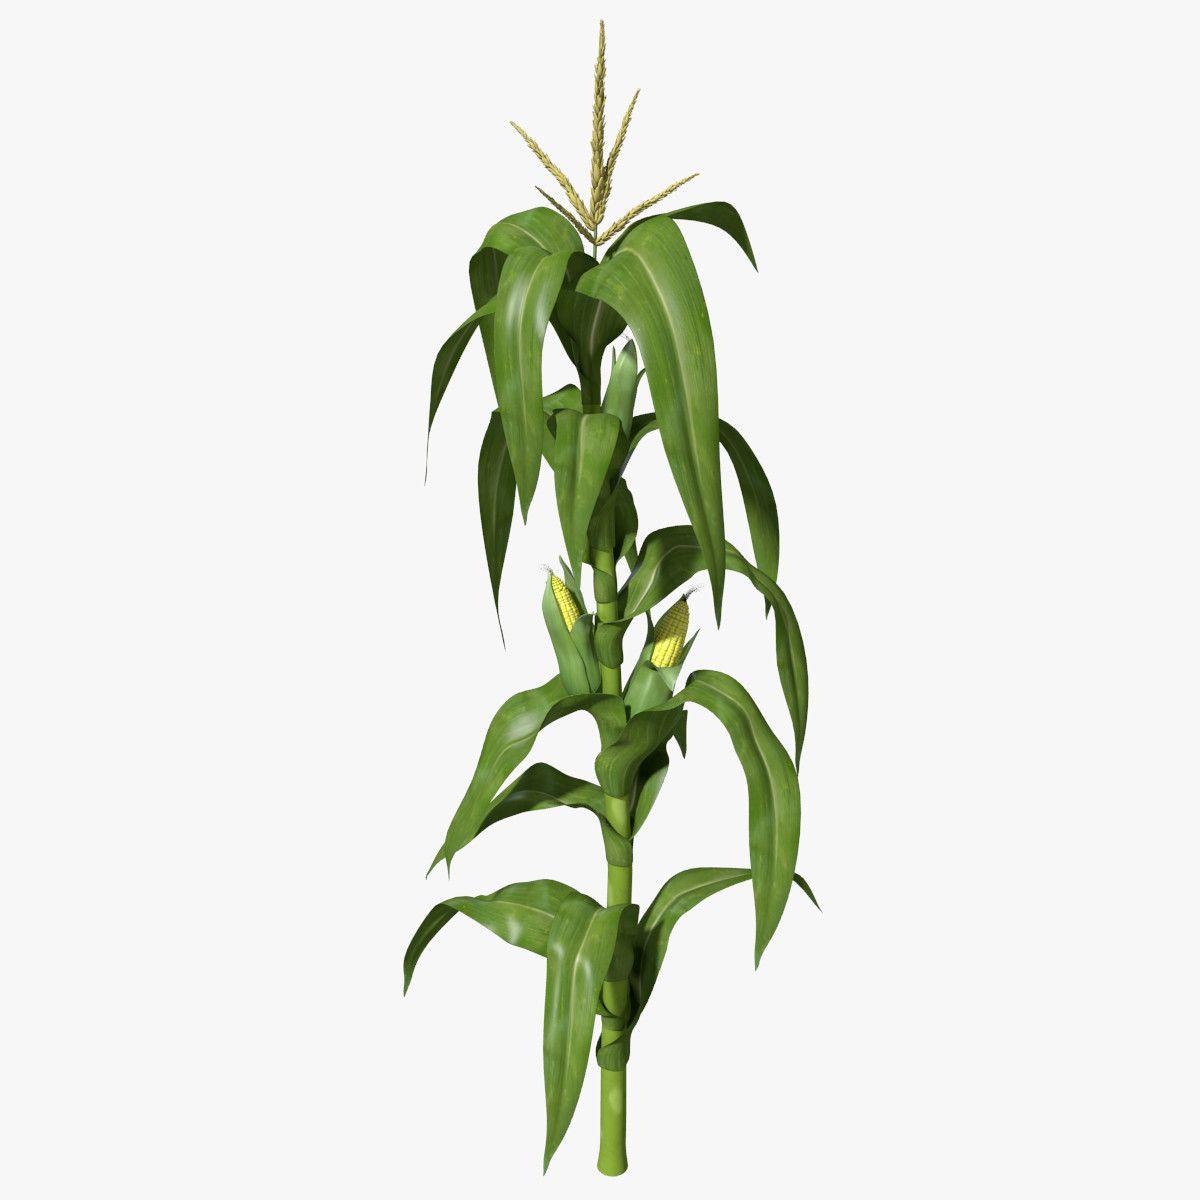 Corn Stalk Max Corn Plant Corn Stalks Plants